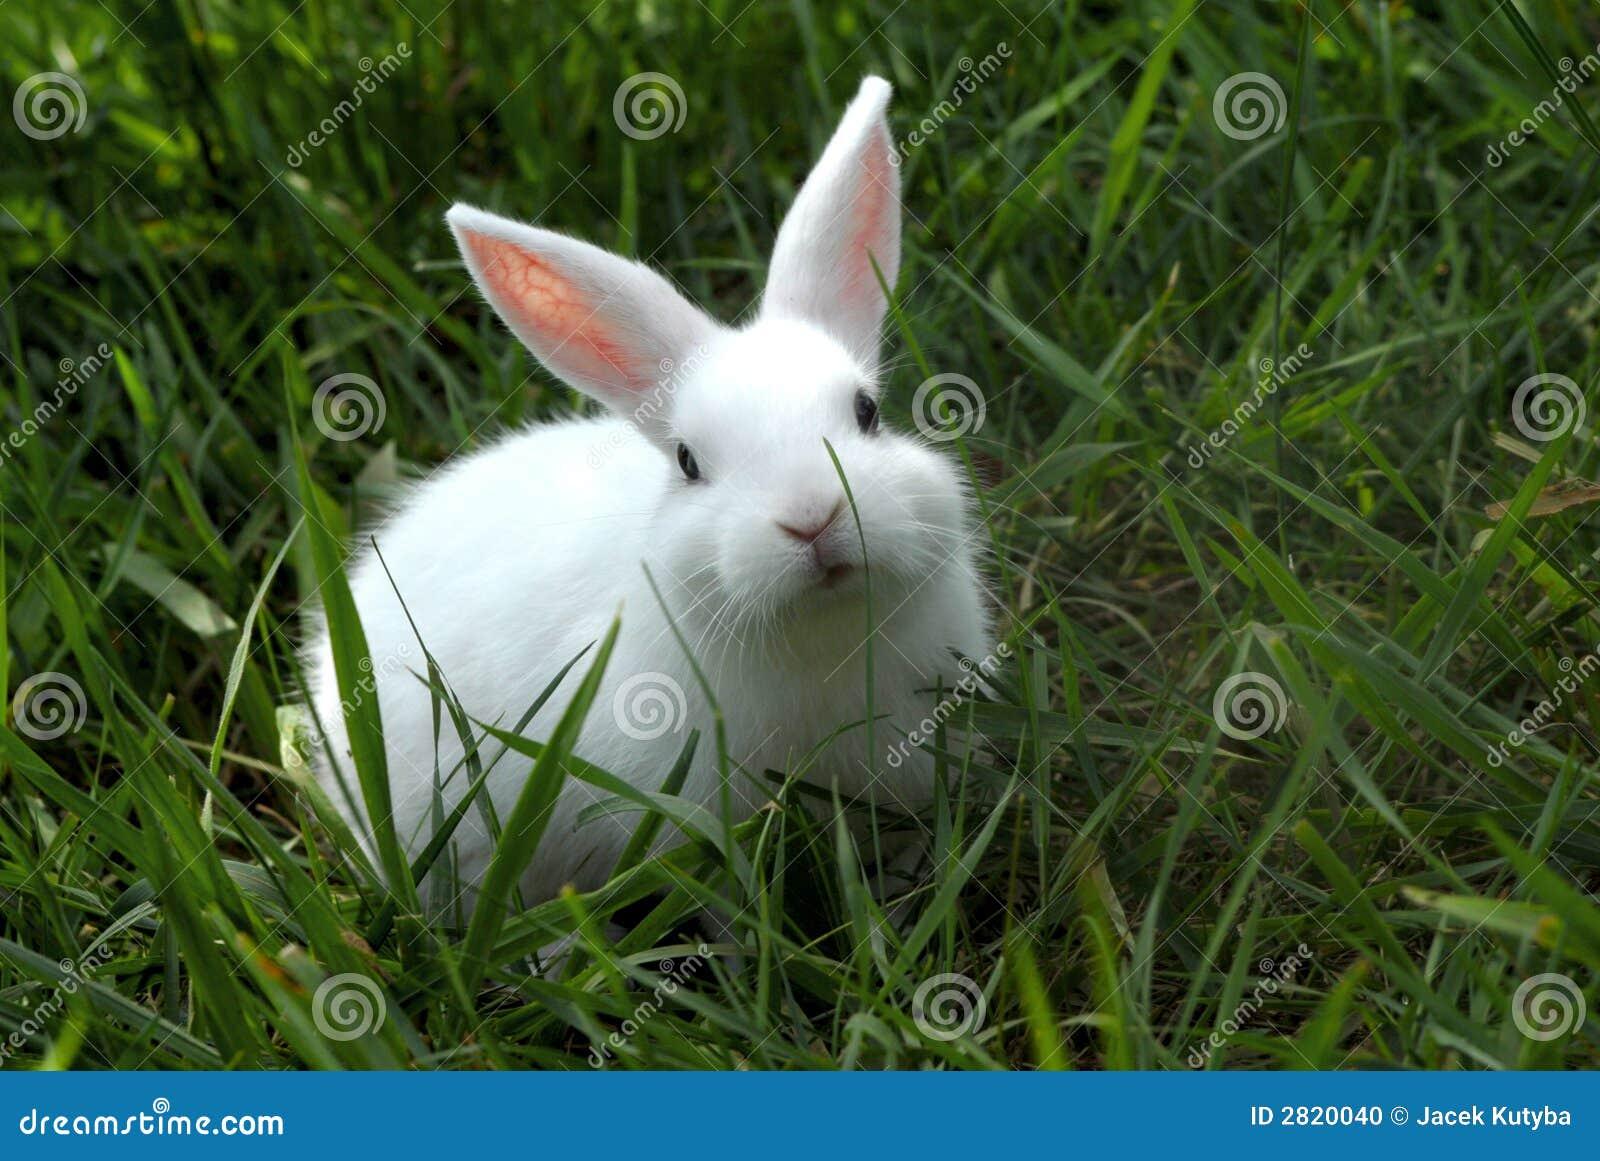 Coniglio bianco 1